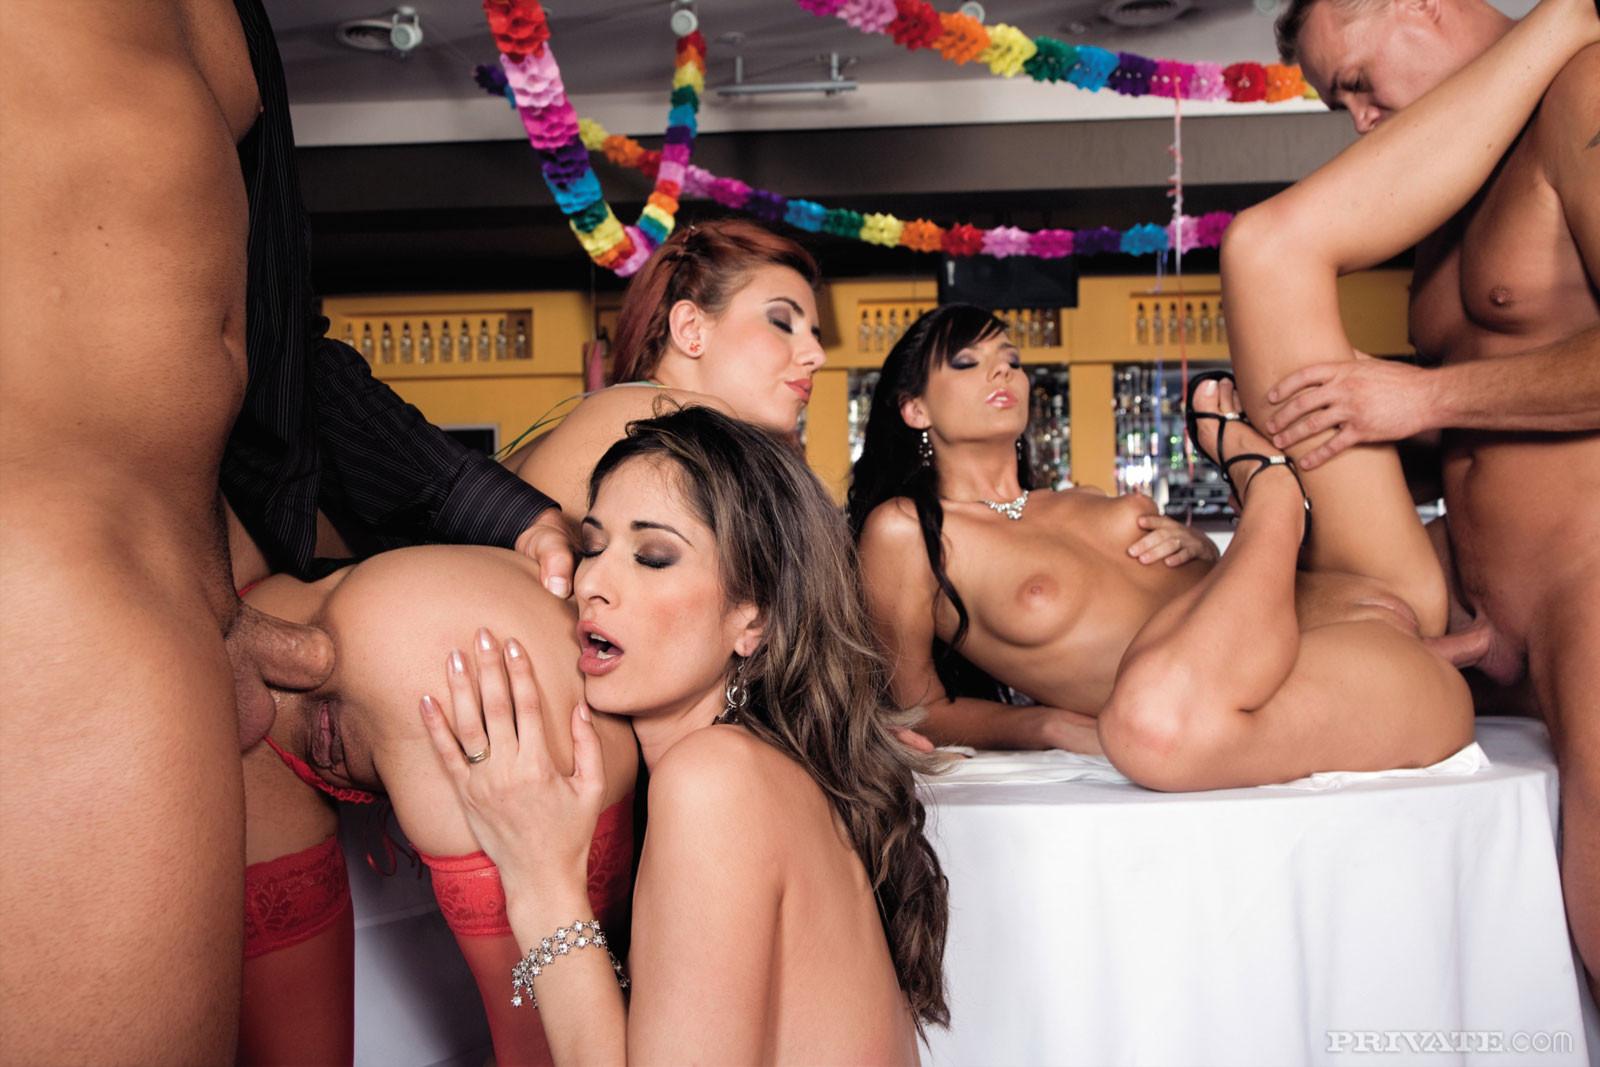 порно групповое вечеринка видео